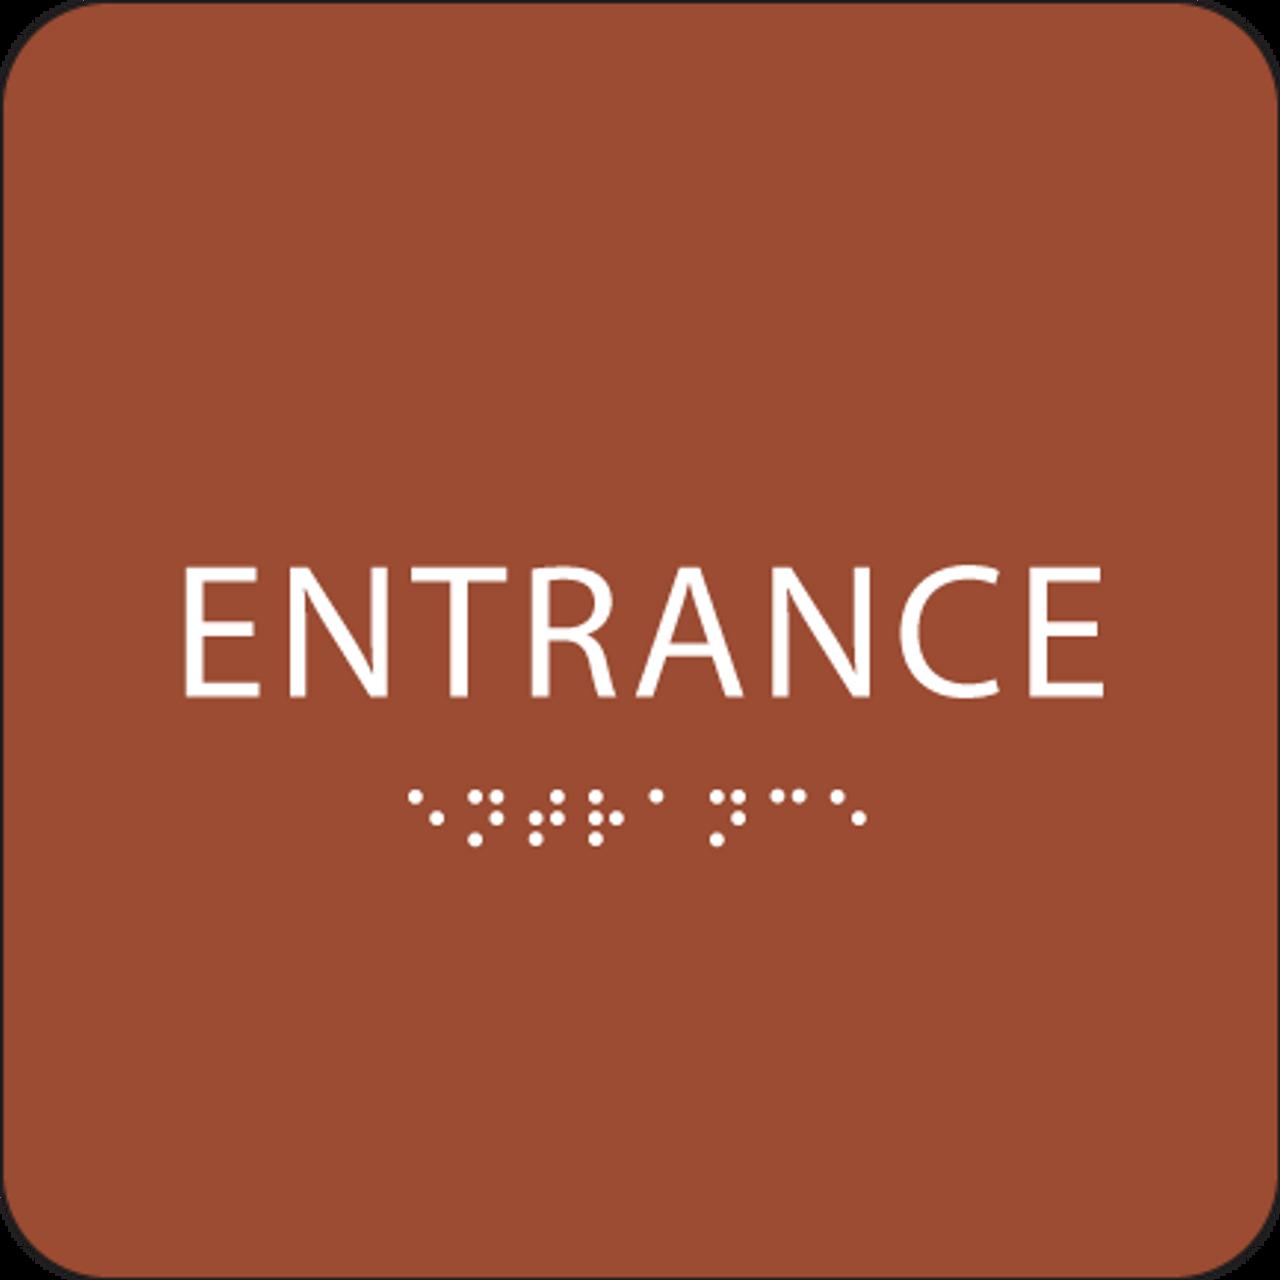 Orange ADA Entrance Sign